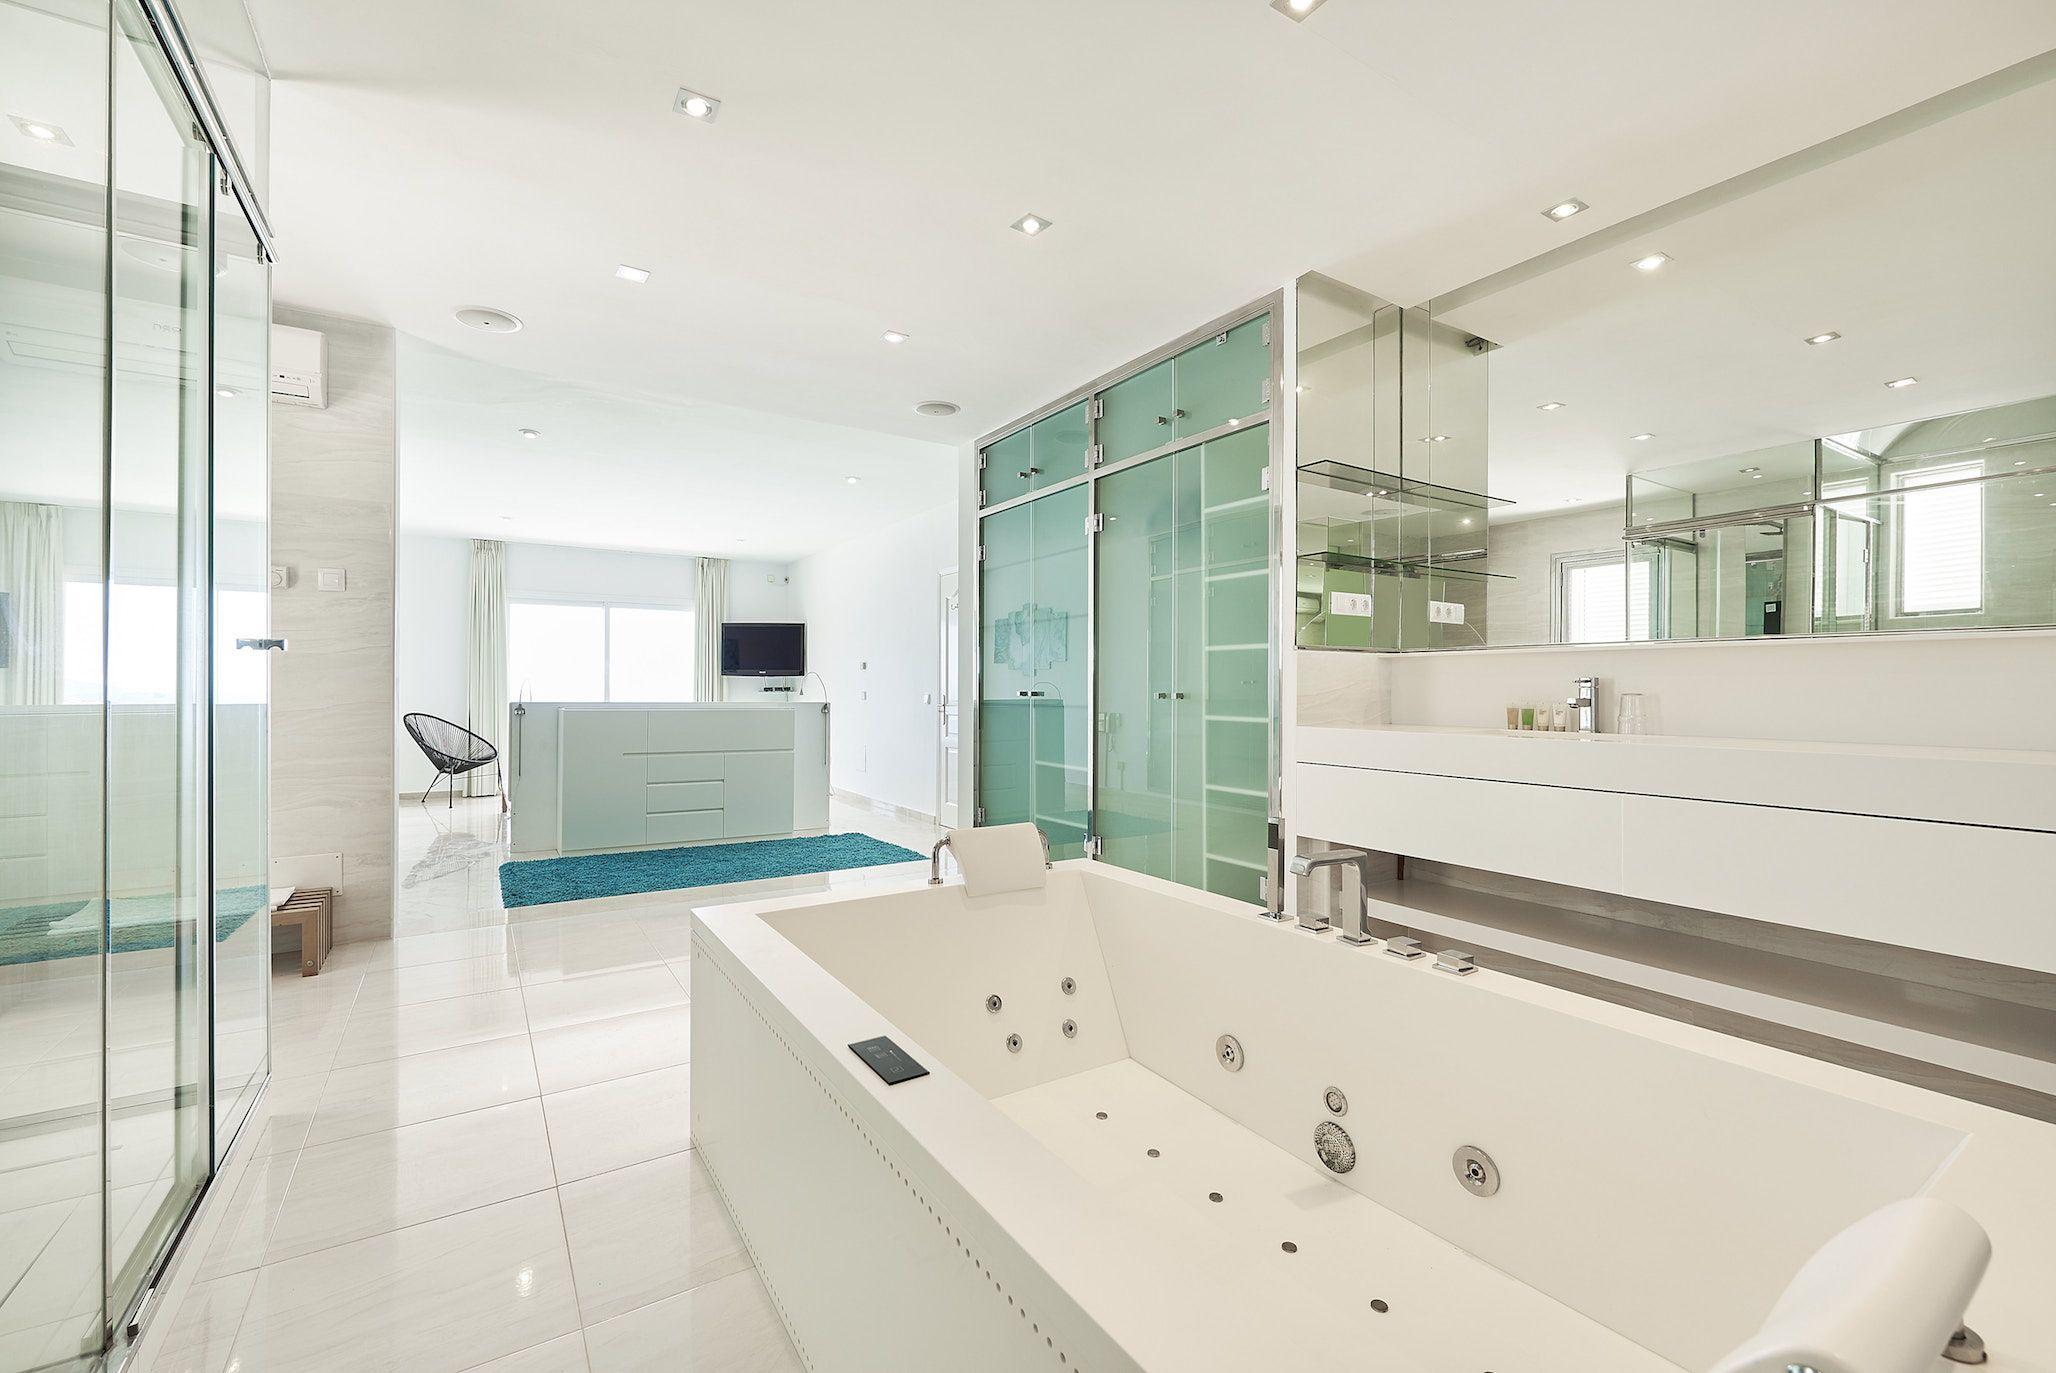 Casa Melia Luxurious Bathroom Large Bathrooms Huge Master